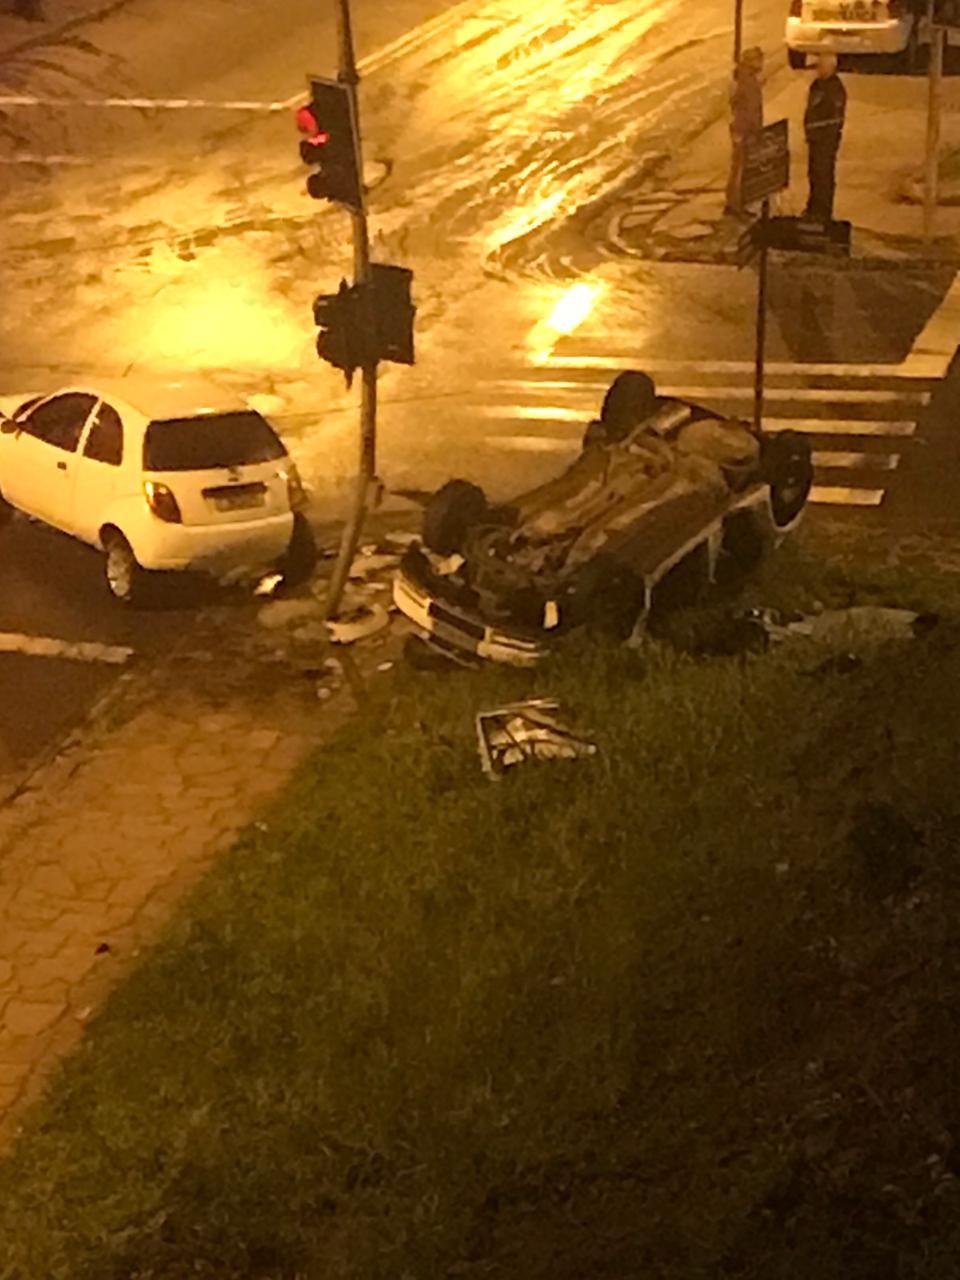 Mãe e filho morrem em acidente, e jovem de 17 anos sem CNH é apreendido em Caxias do Sul - Notícias - Plantão Diário